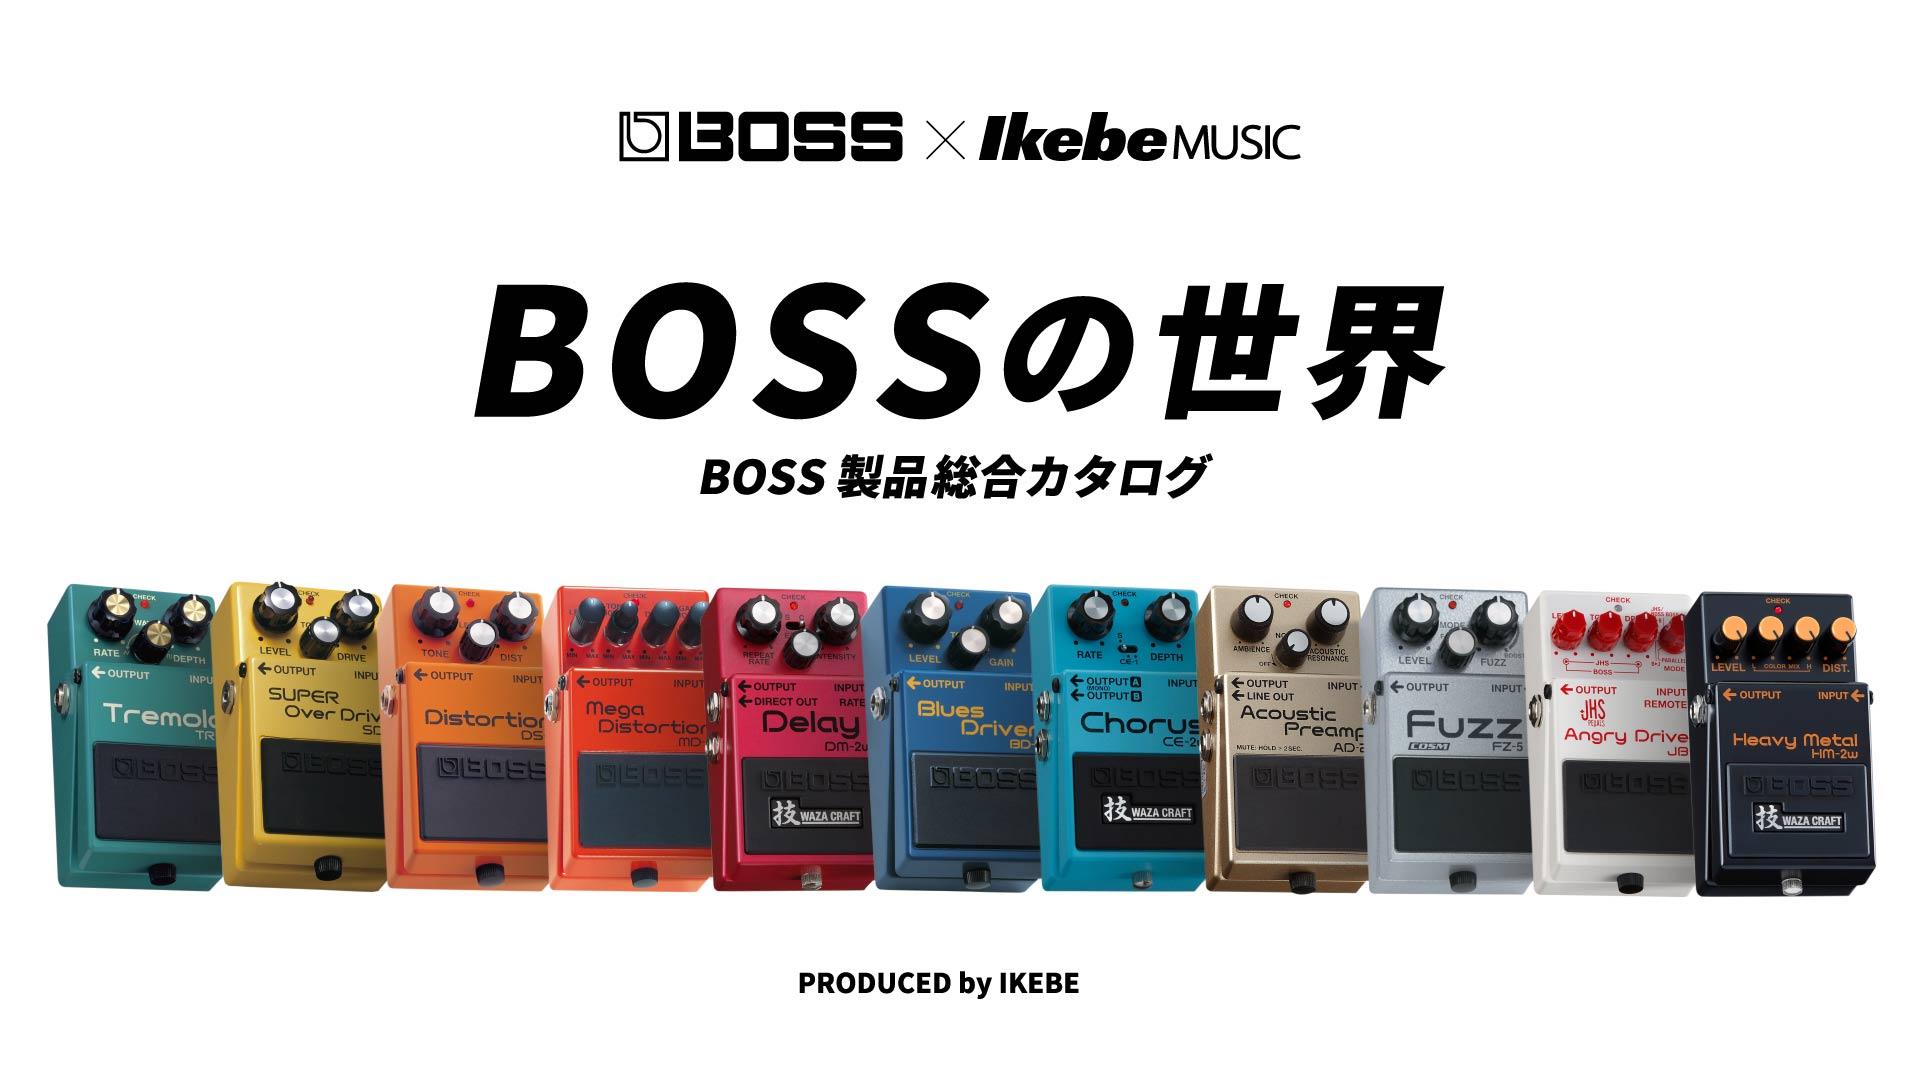 BOSSの世界 -BOSS製品総合カタログ-